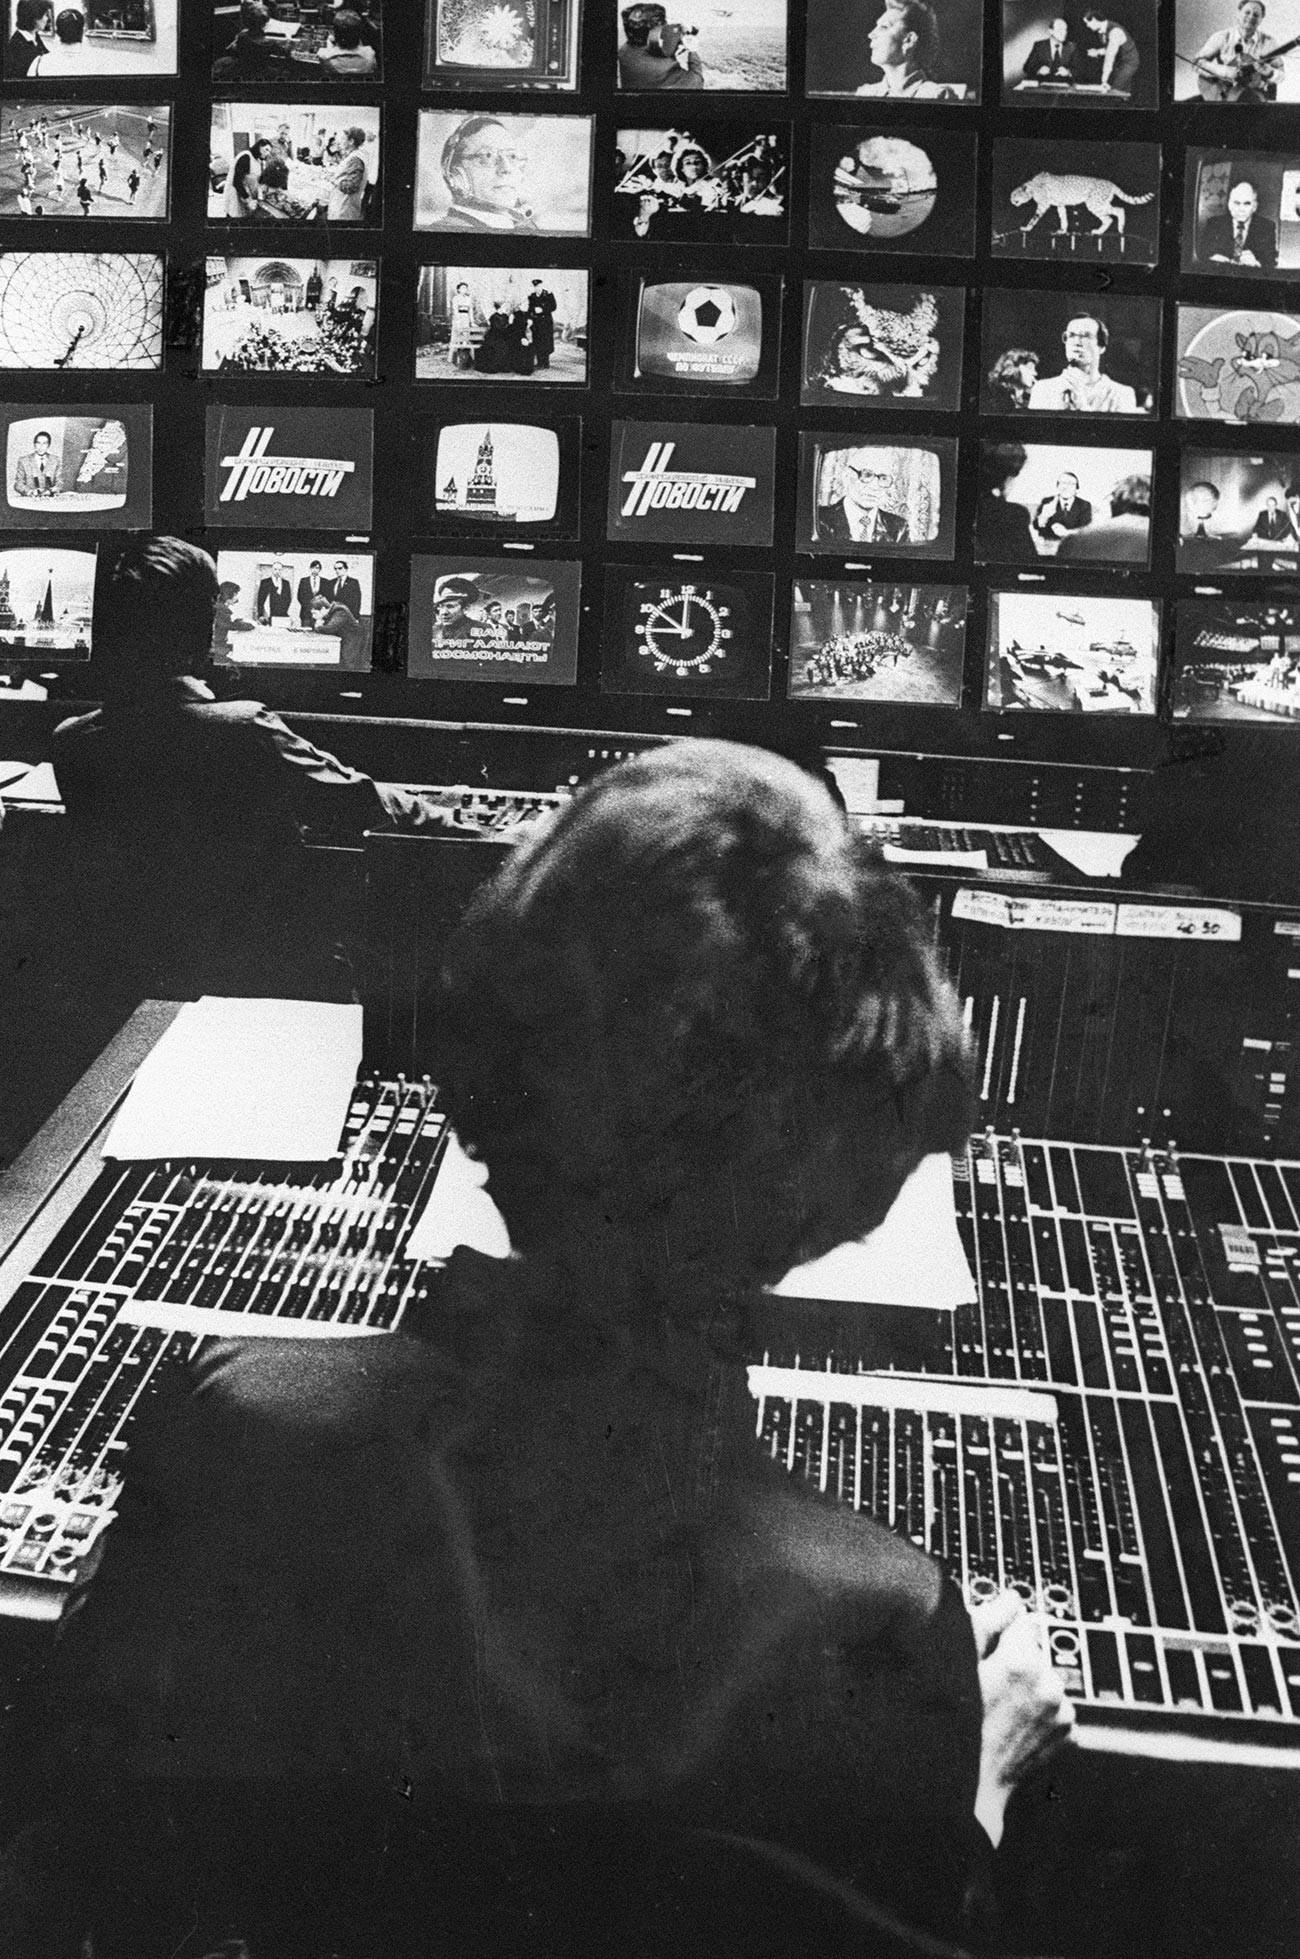 オスタンキノ・テレビ塔のスタジオにて